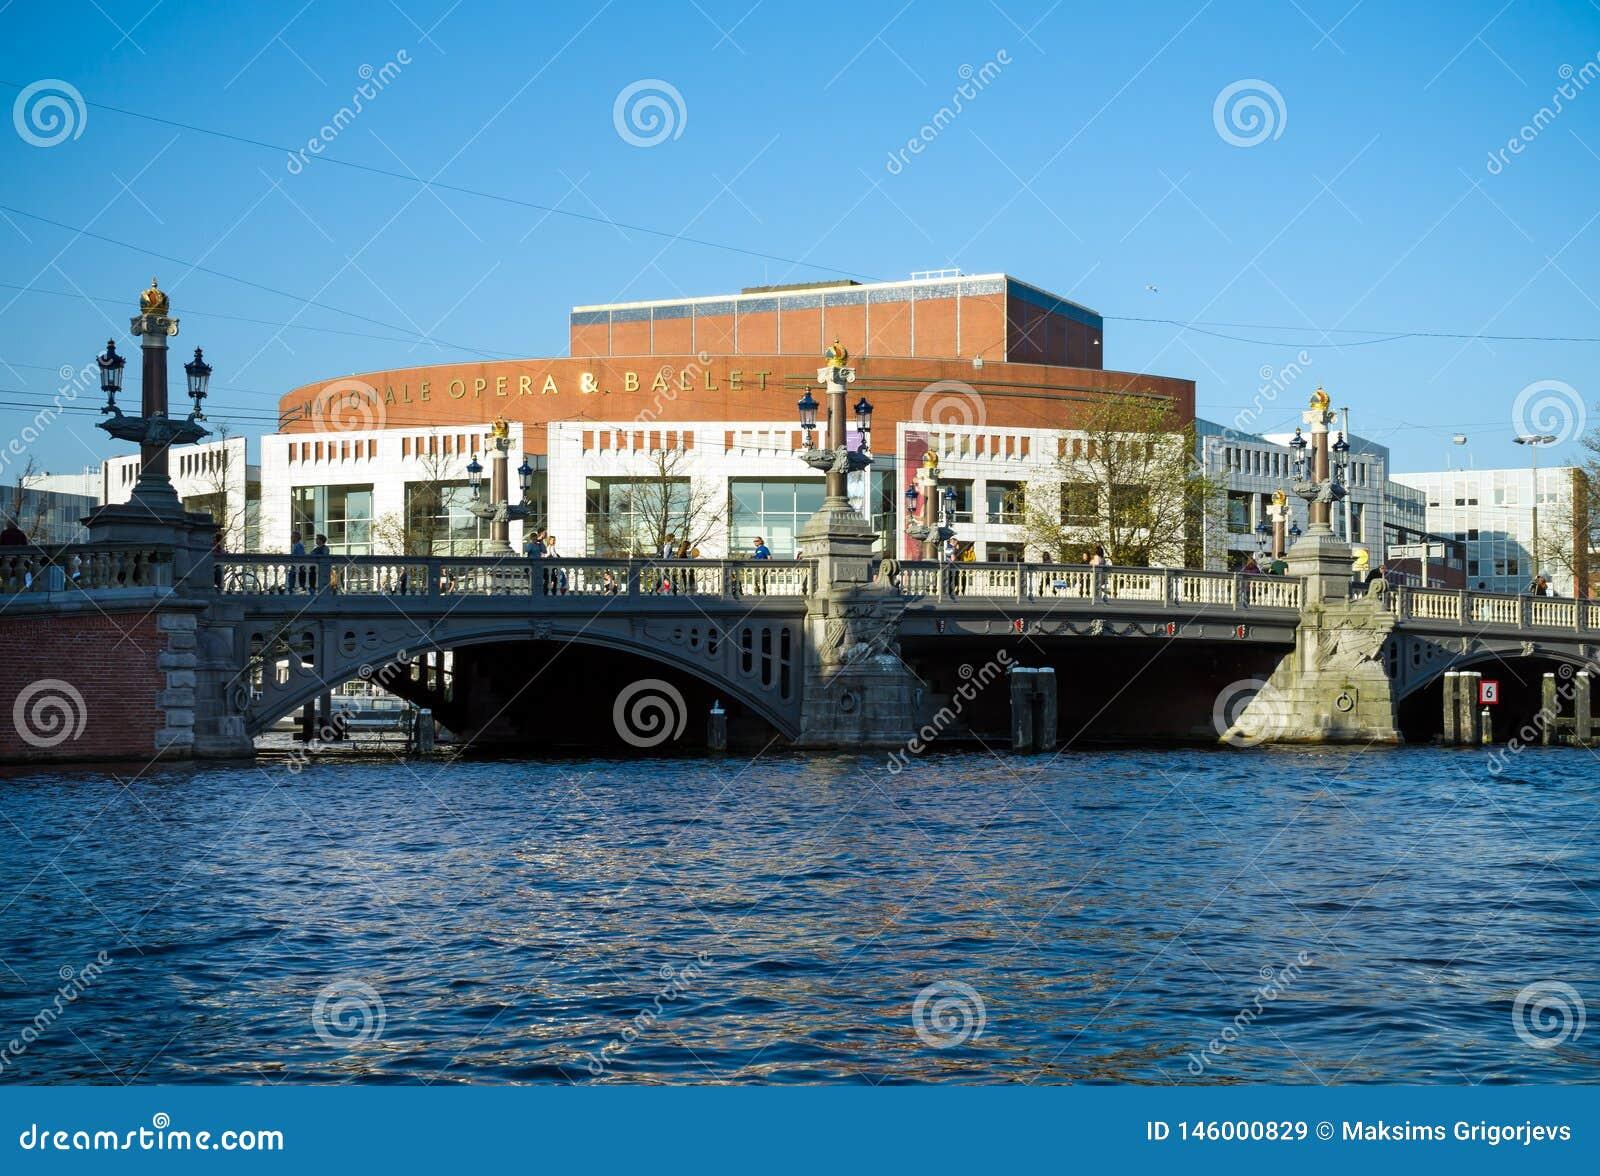 Kanal-Ansicht über das nationale Opern- und Balletttheater in Amsterdam, die Niederlande, am 14. Oktober 2017